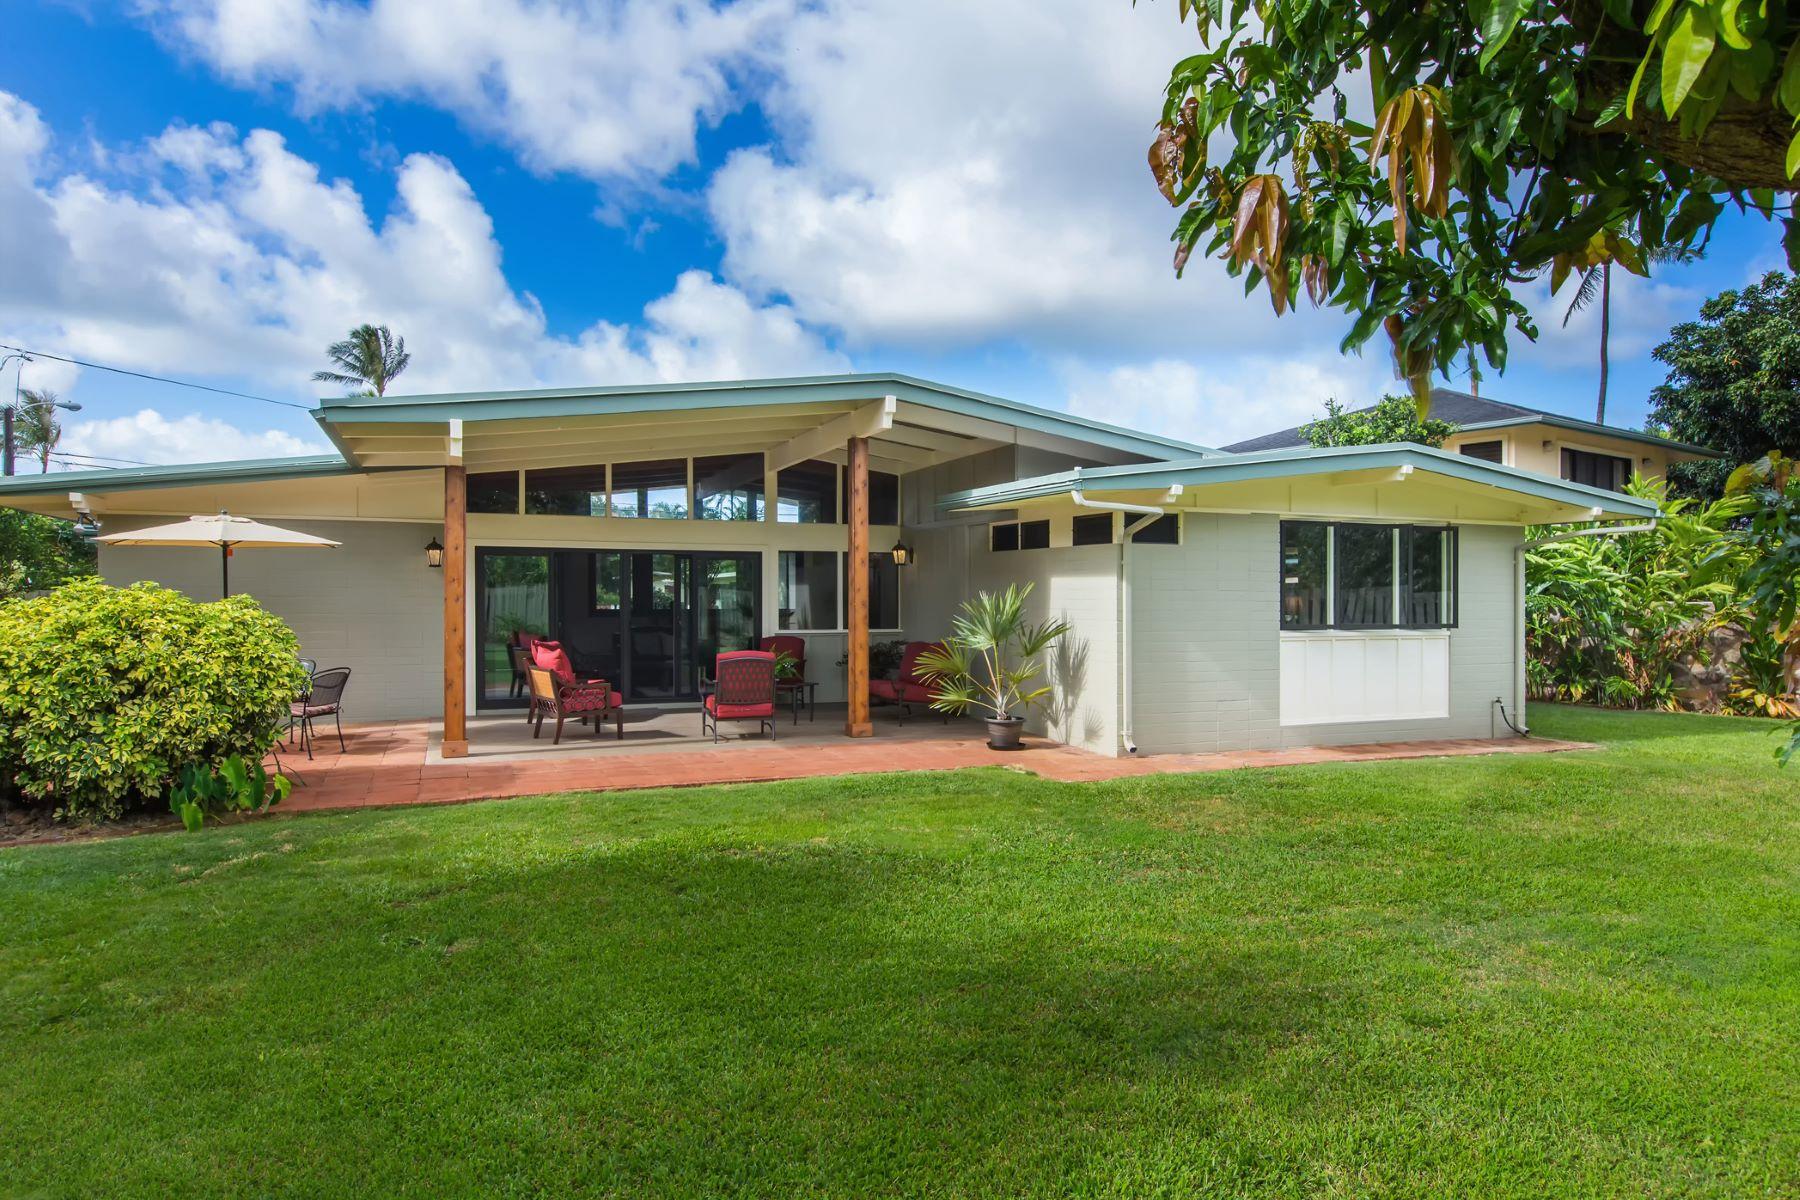 Maison unifamiliale pour l Vente à Timeless Olomana Elegance 1591 Uluhao Place Kailua, Hawaii 96734 États-Unis